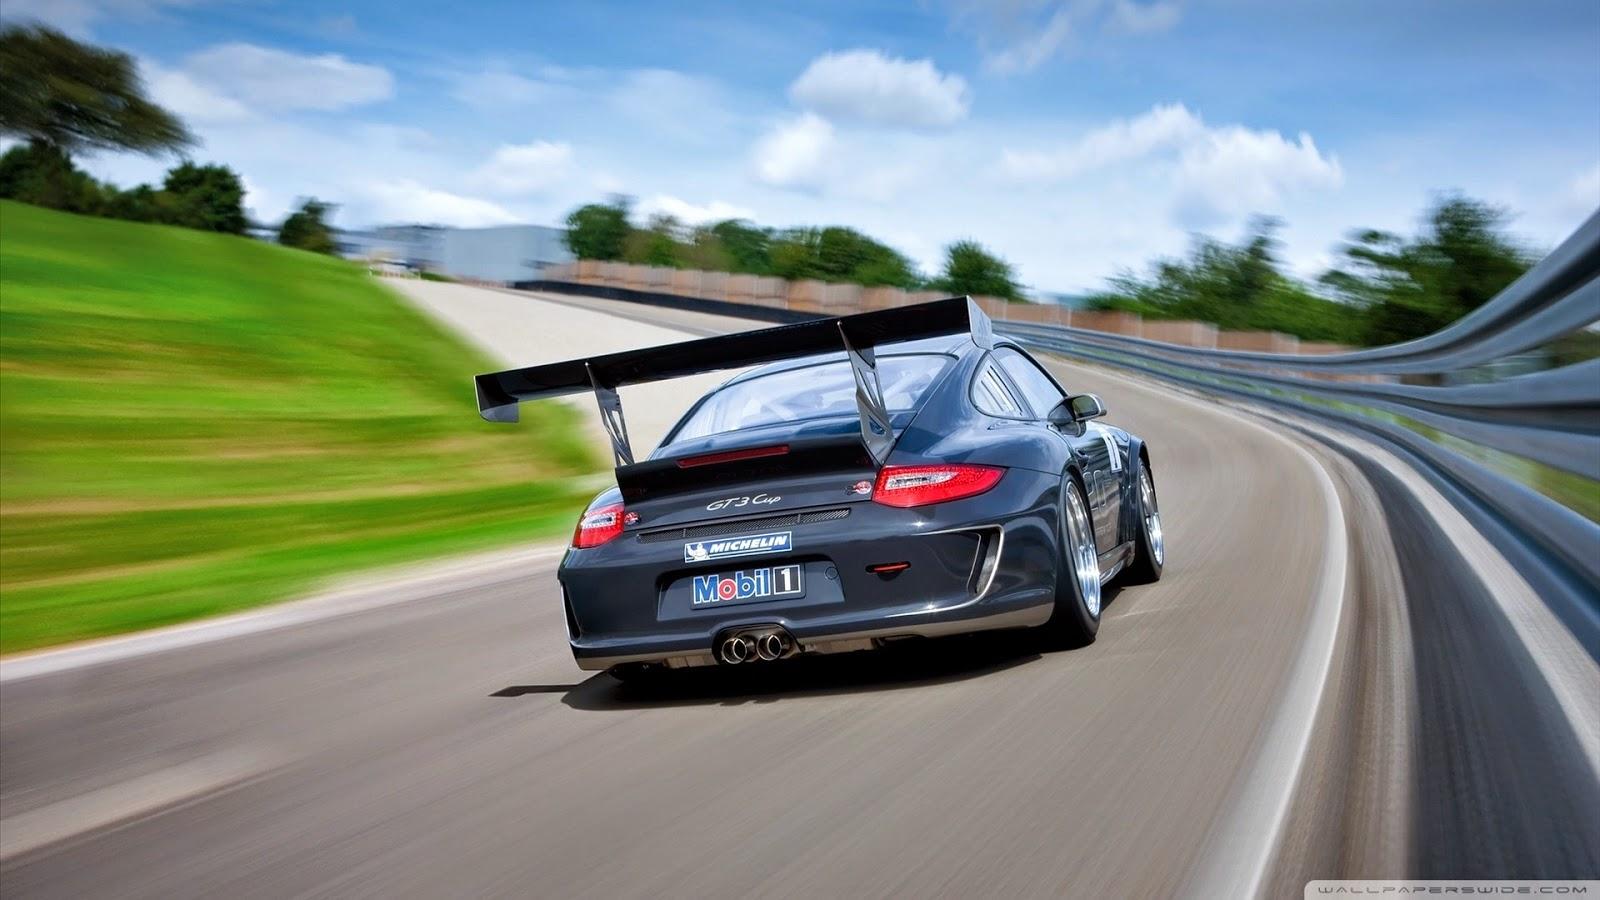 Porsche Wallpapers Car Desktop